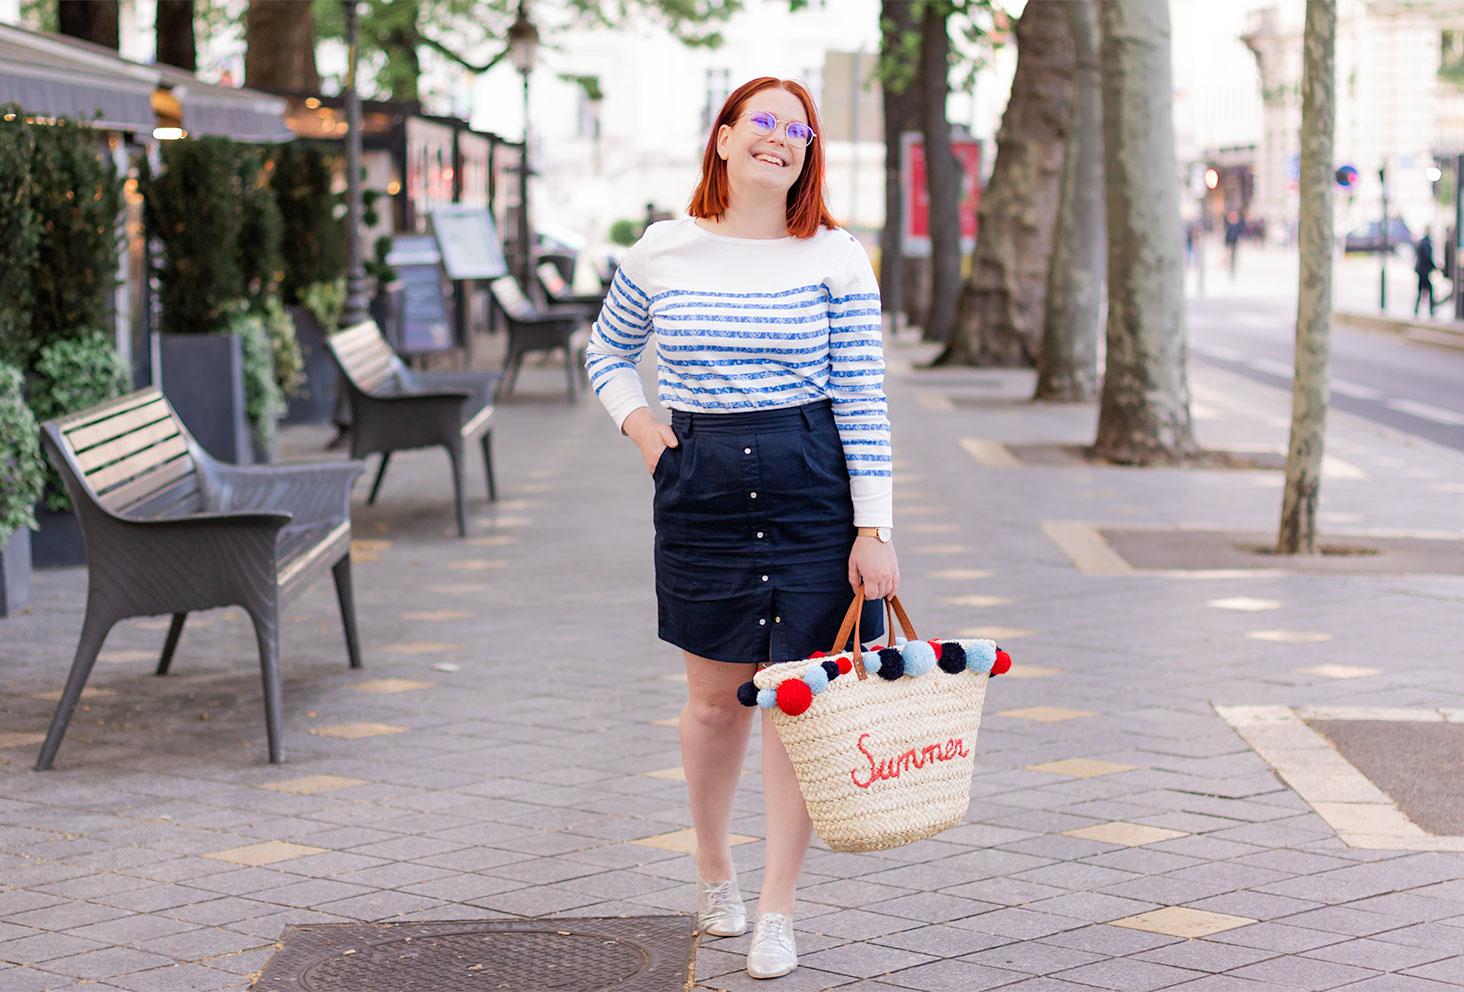 Dans la rue près des restaurants de la place Jean Jaurès, avec le sourire, en marinière Le Lucien et panier en paille Summer dans la main